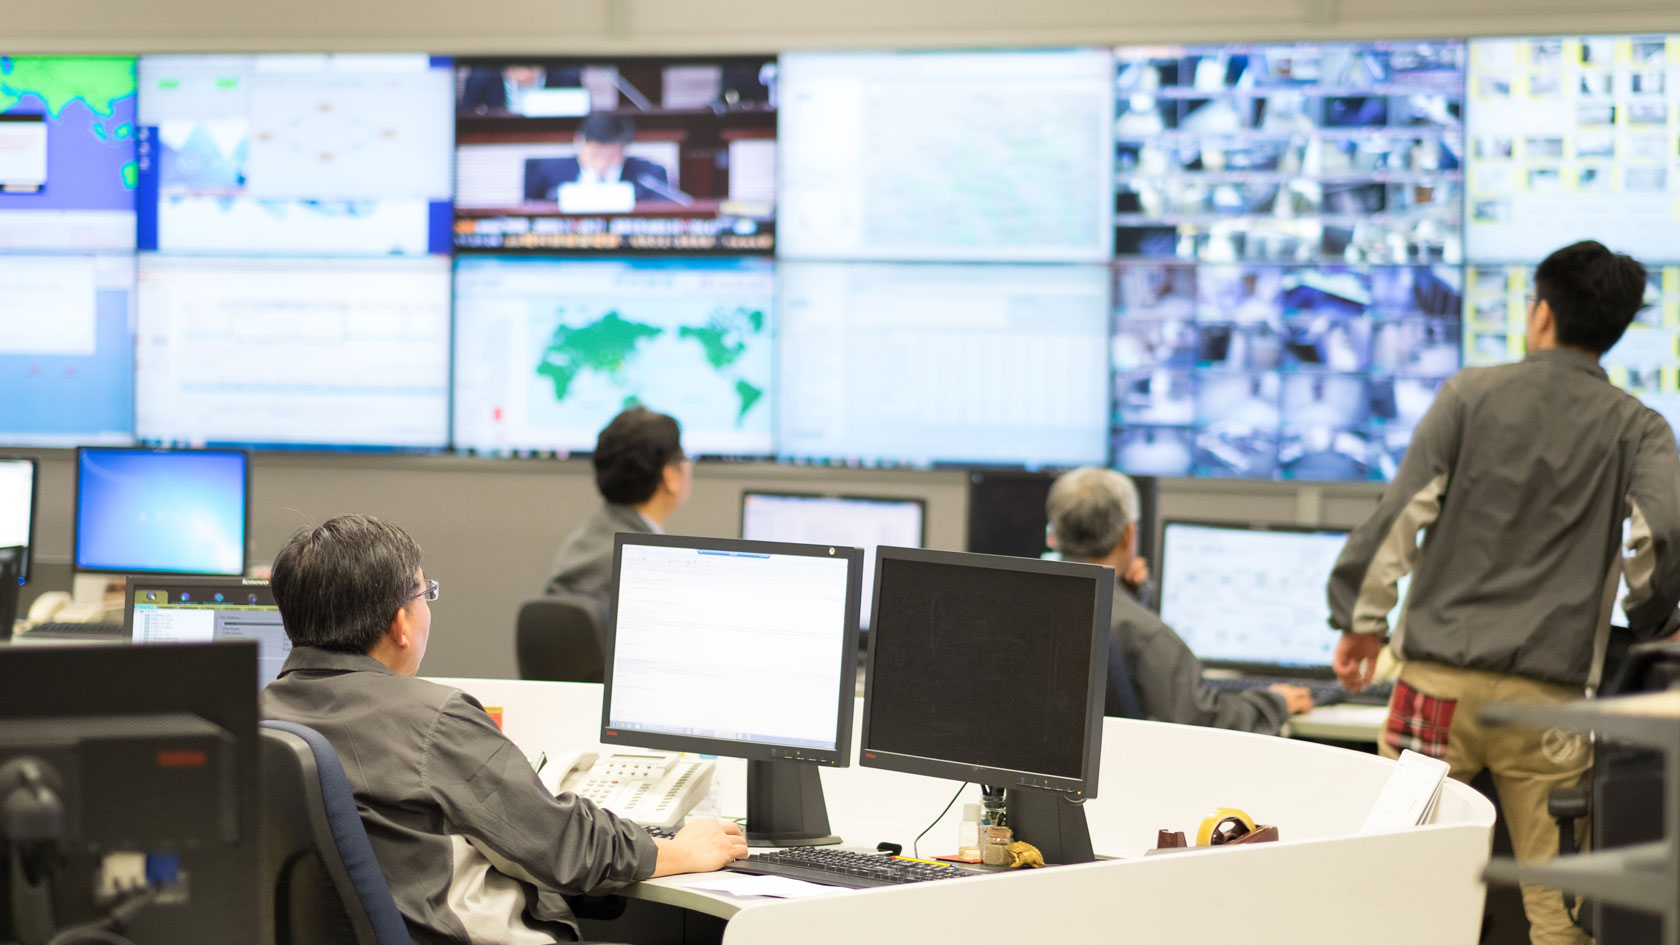 Colocation data centre